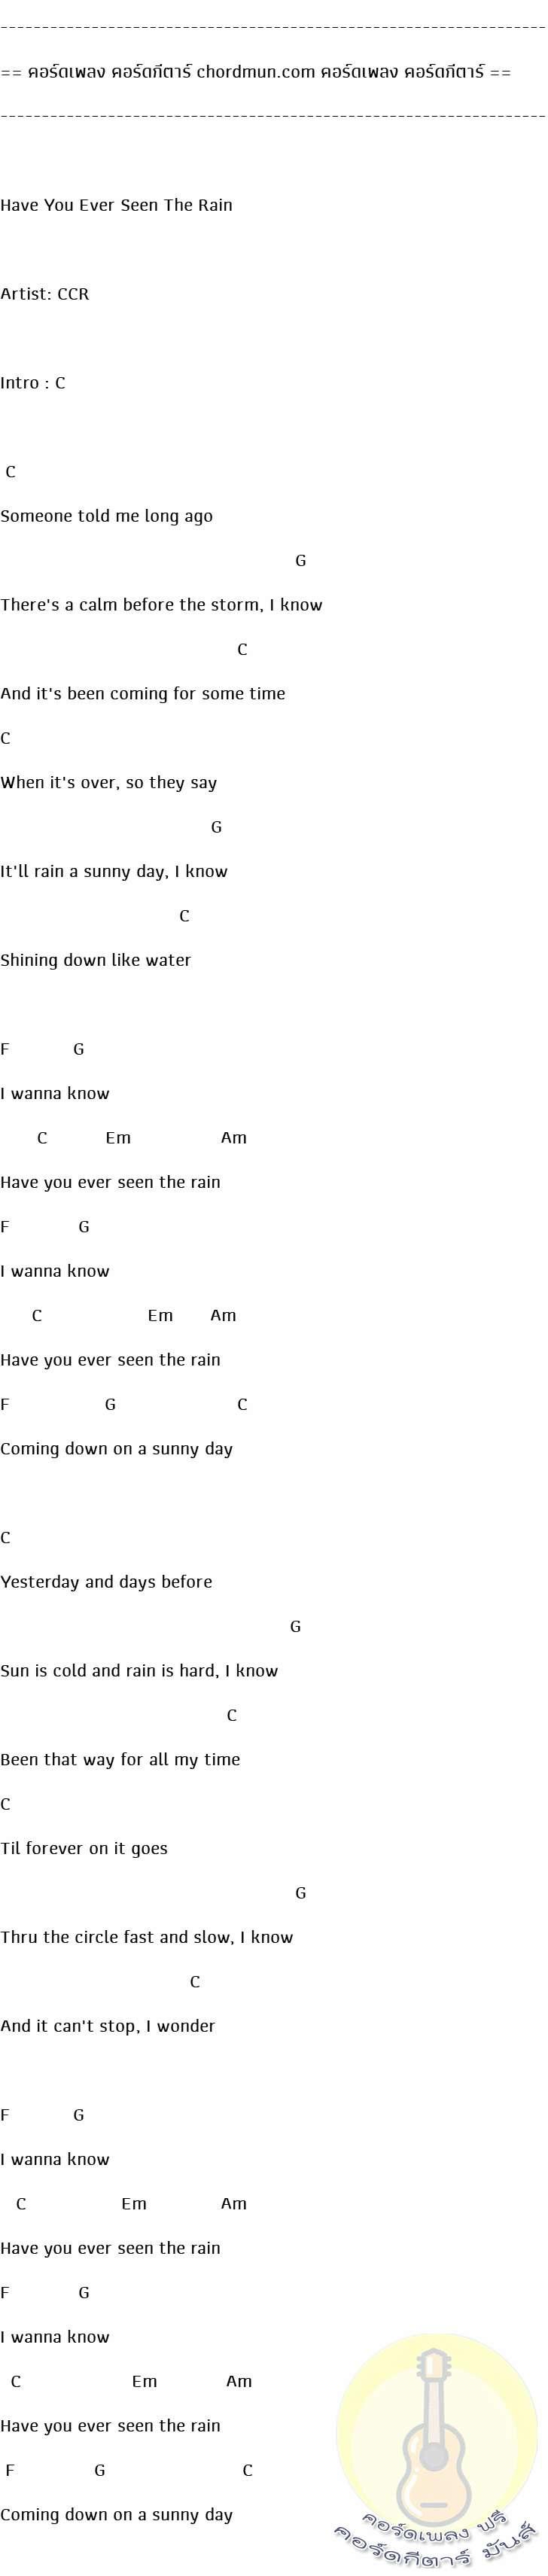 คอร์ดกีต้าร์ไฟฟ้า  เพลง Have You Ever Seen The Rain